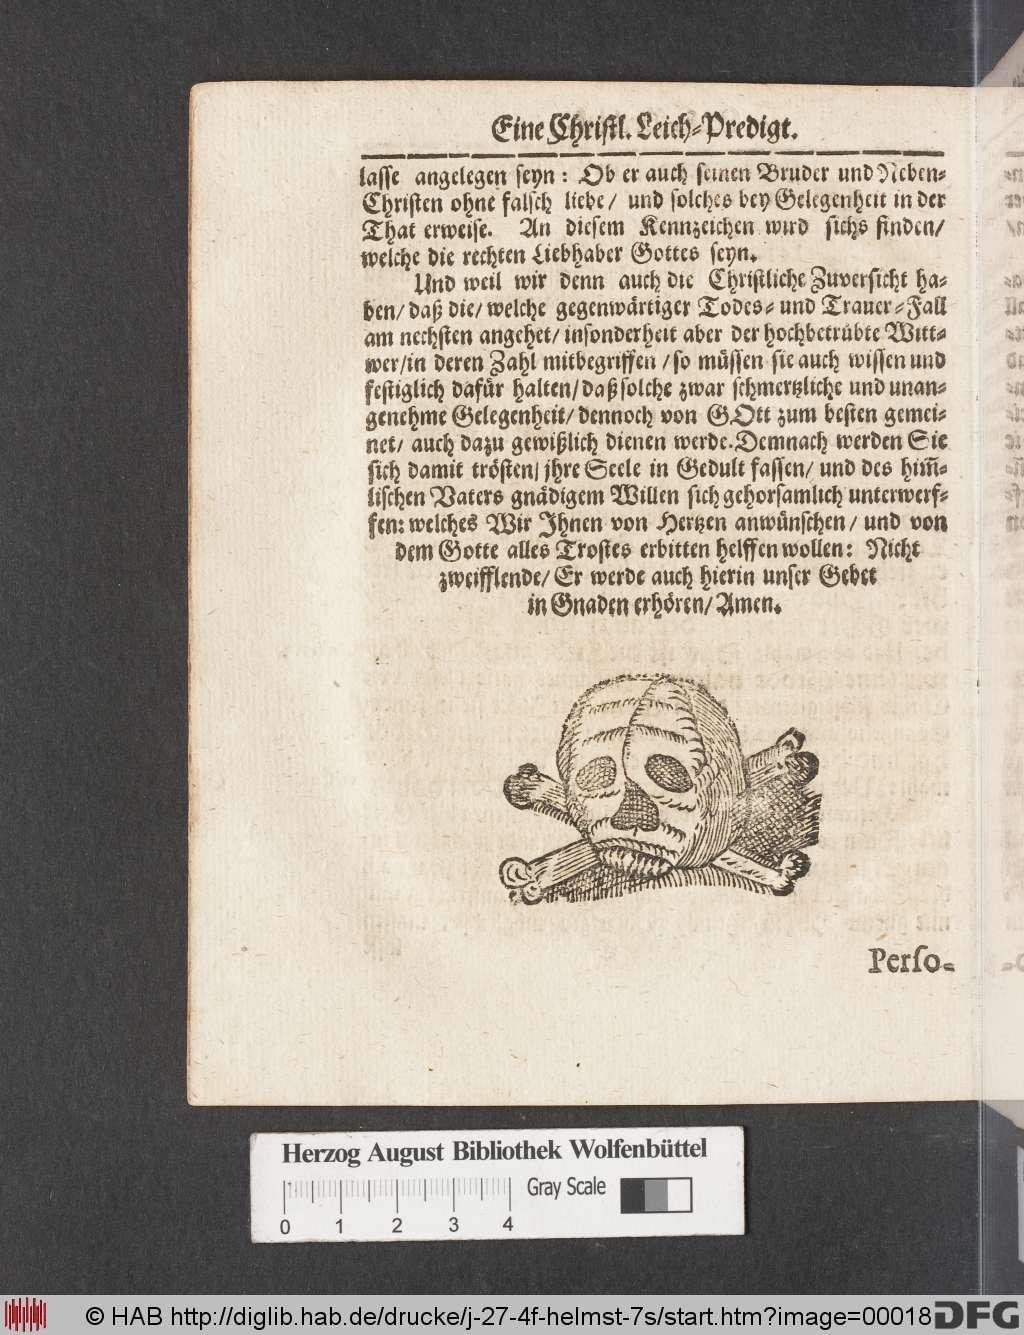 http://diglib.hab.de/drucke/j-27-4f-helmst-7s/00018.jpg